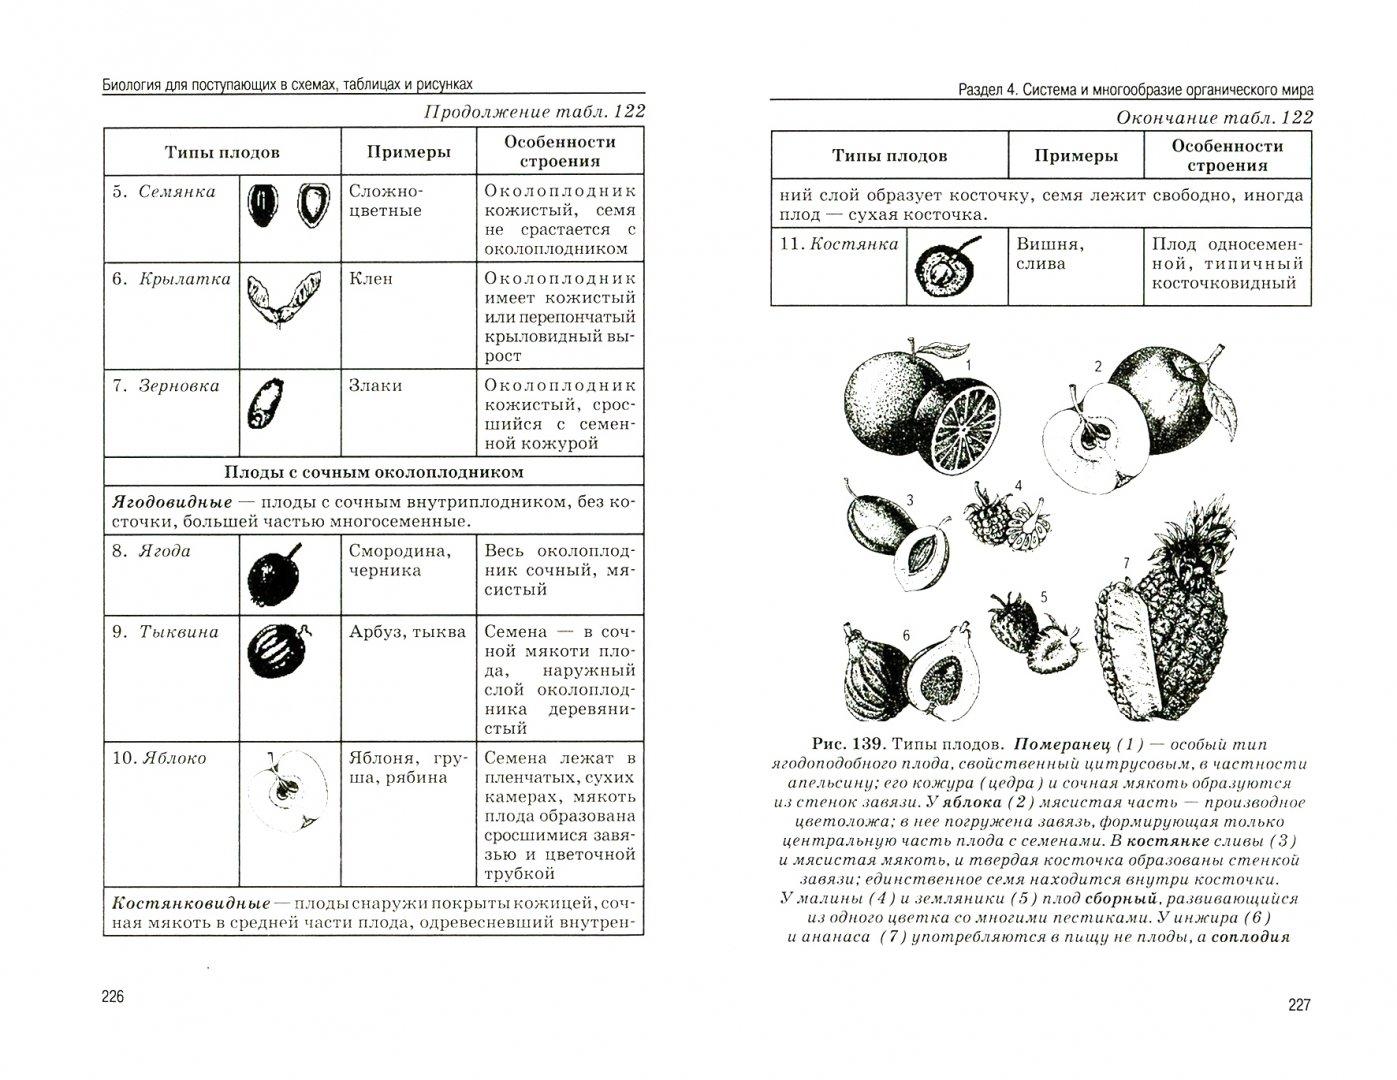 Как таблицу преобразовать в картинку кисуля